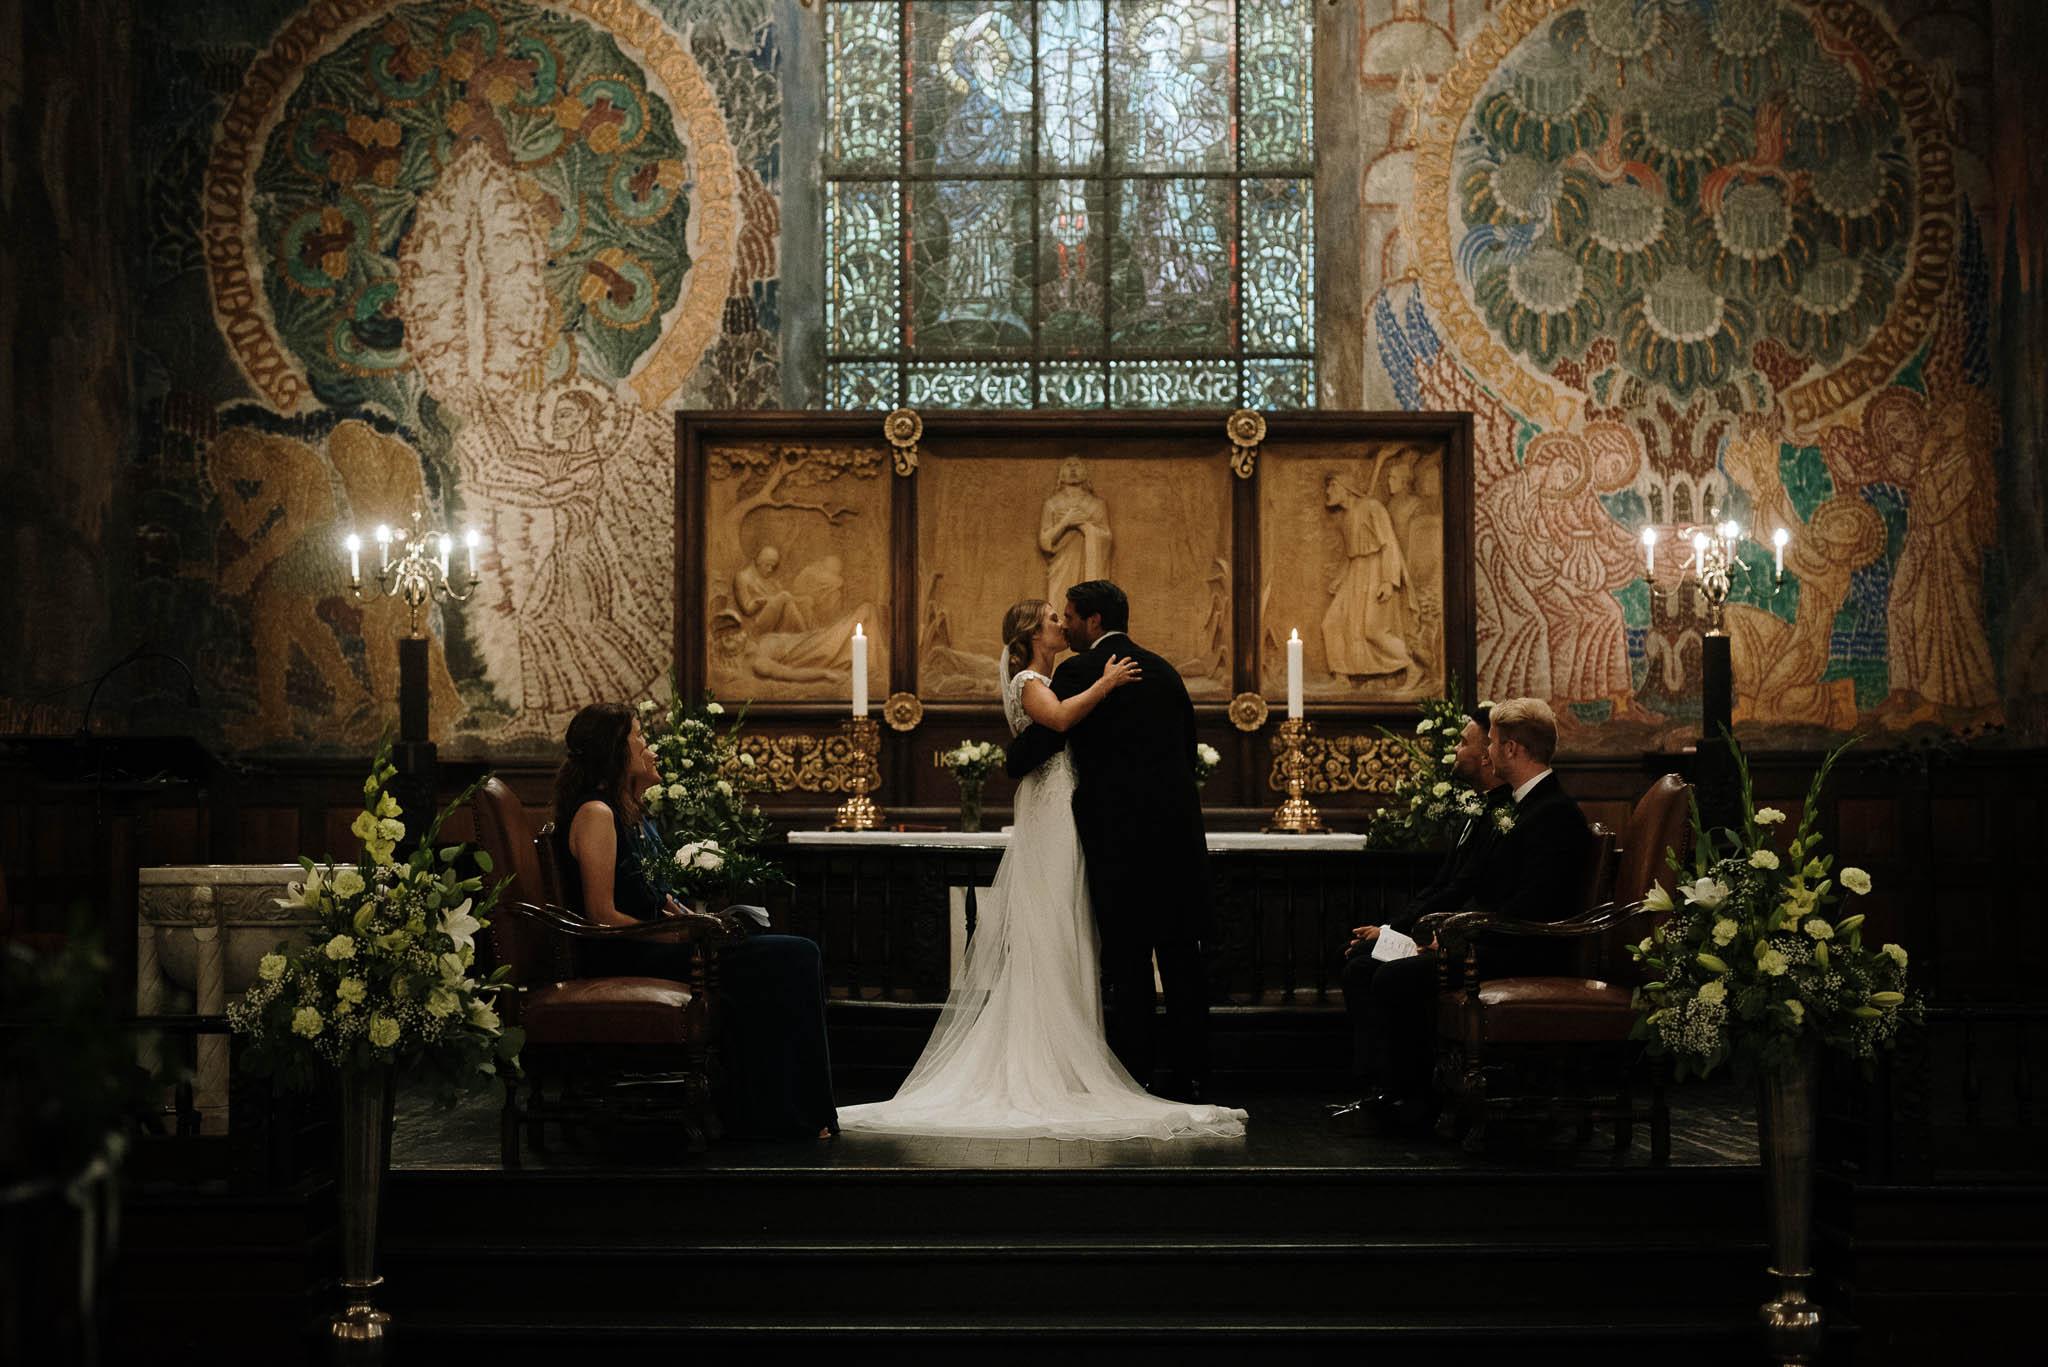 Bryllupsfotograf i Drammen - bryllup i Ålesund - Øygardshallen bryllup-39.jpg